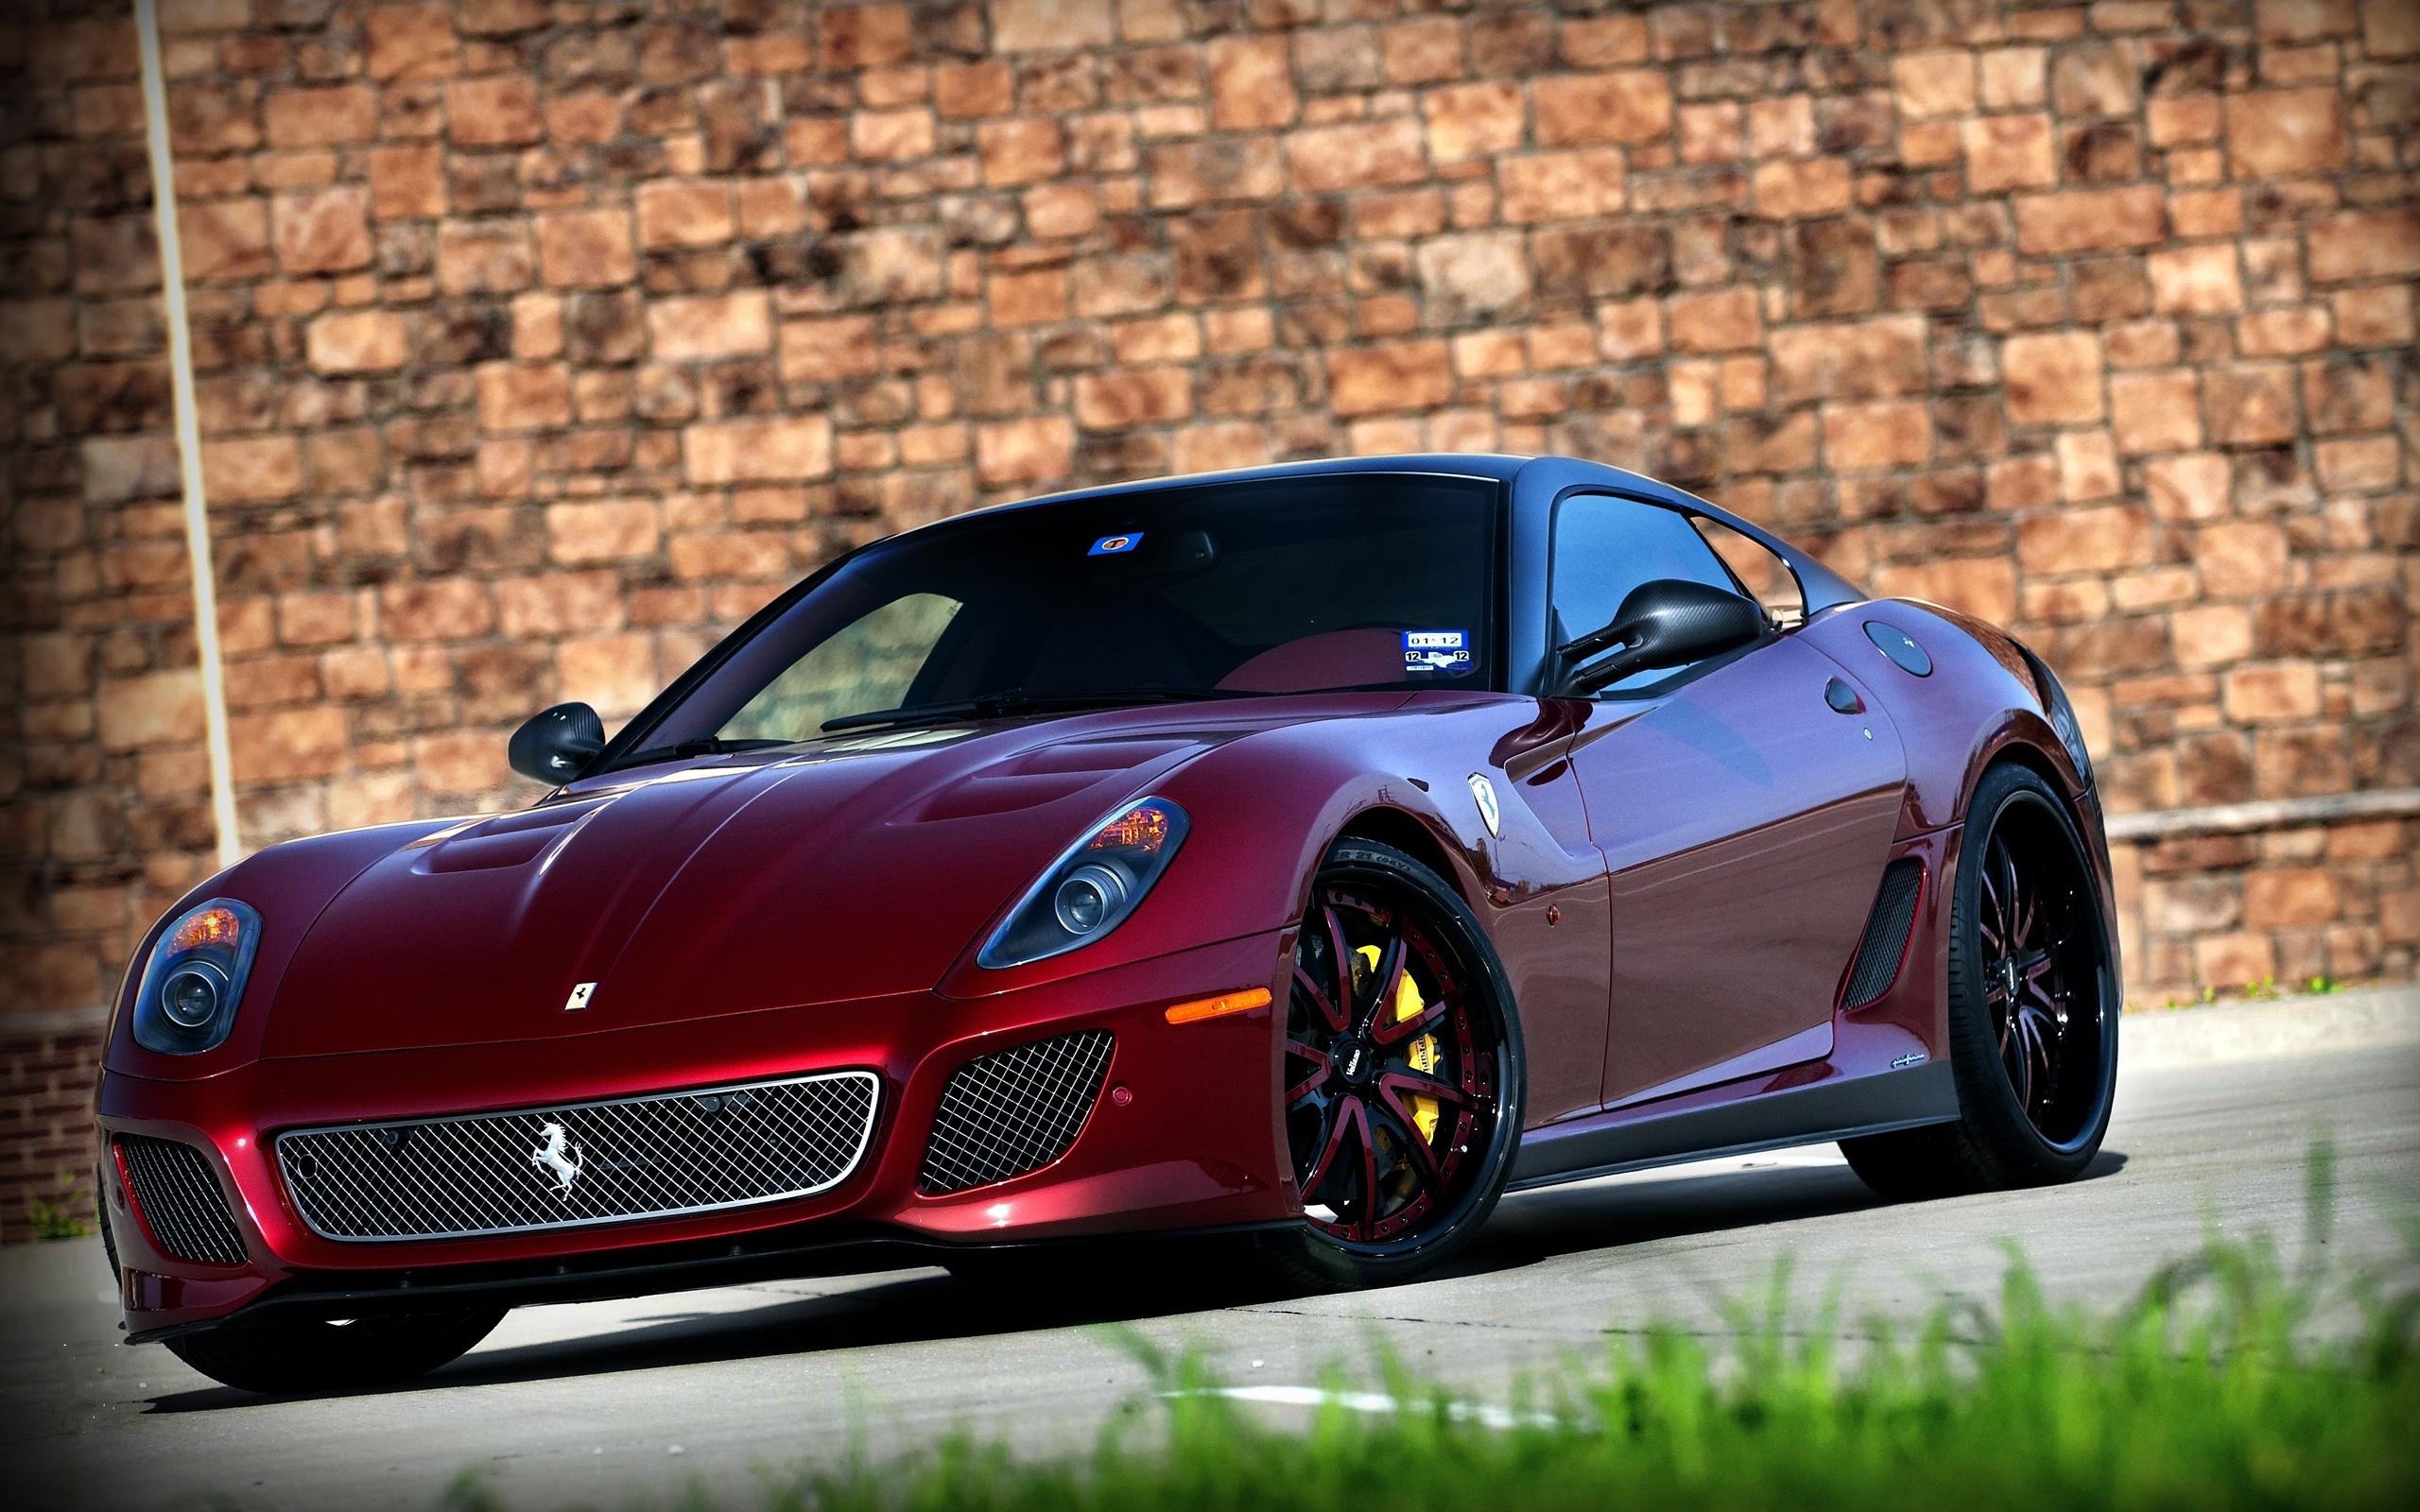 Wallpaper Ferrari 599 Gto Dark Red Car 2560x1600 Hd Picture Image